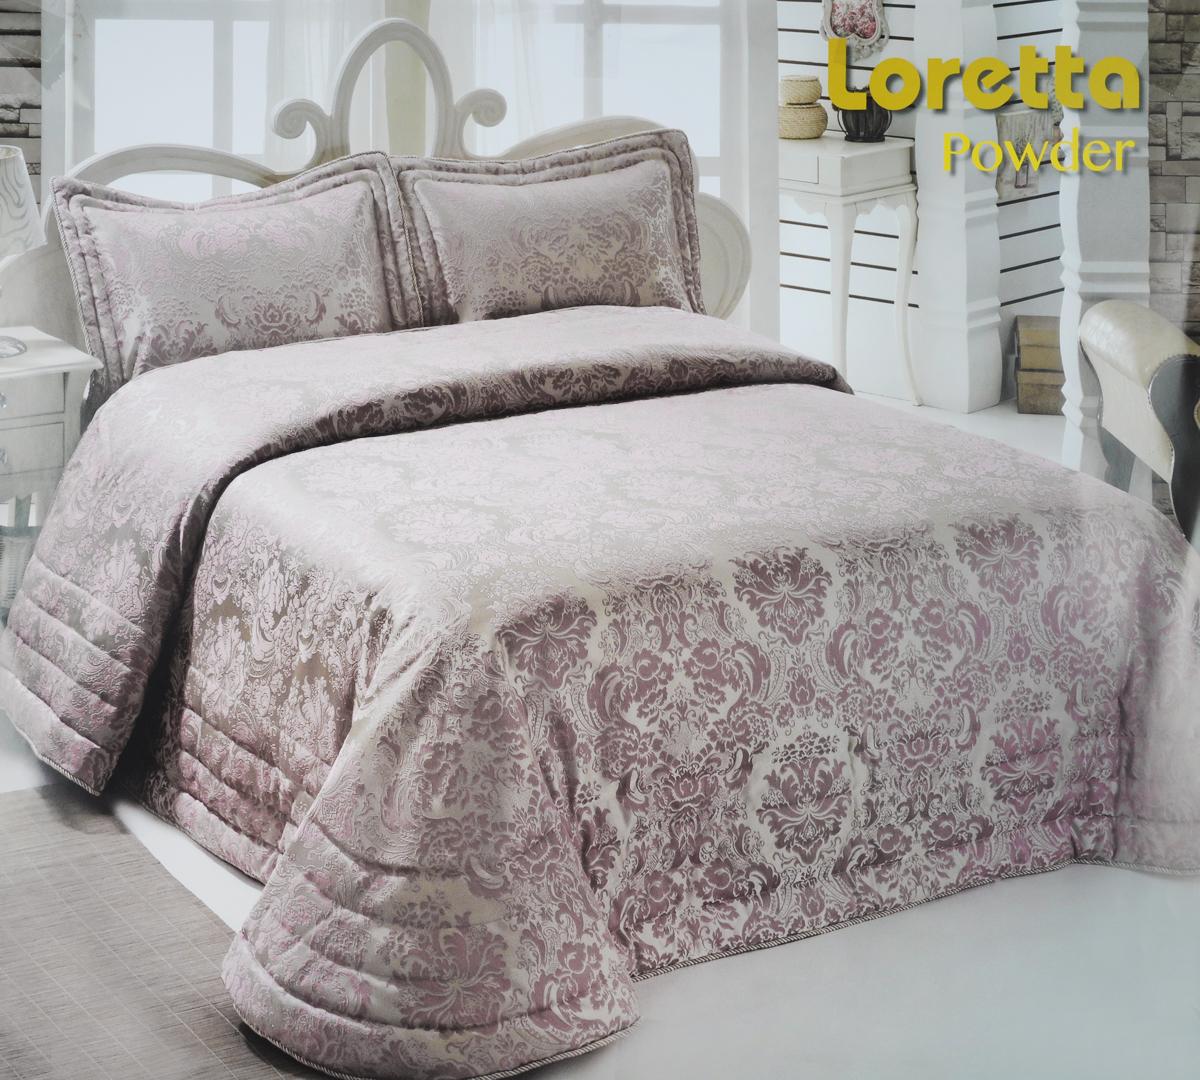 Комплект для спальни Modalin Nazsu. Loretta: покрывало 250 х 270 см, 2 наволочки 50 х 70 см, цвет: пыльная роза nazsu nazsu покрывало gul цвет горчичный 240х260 см